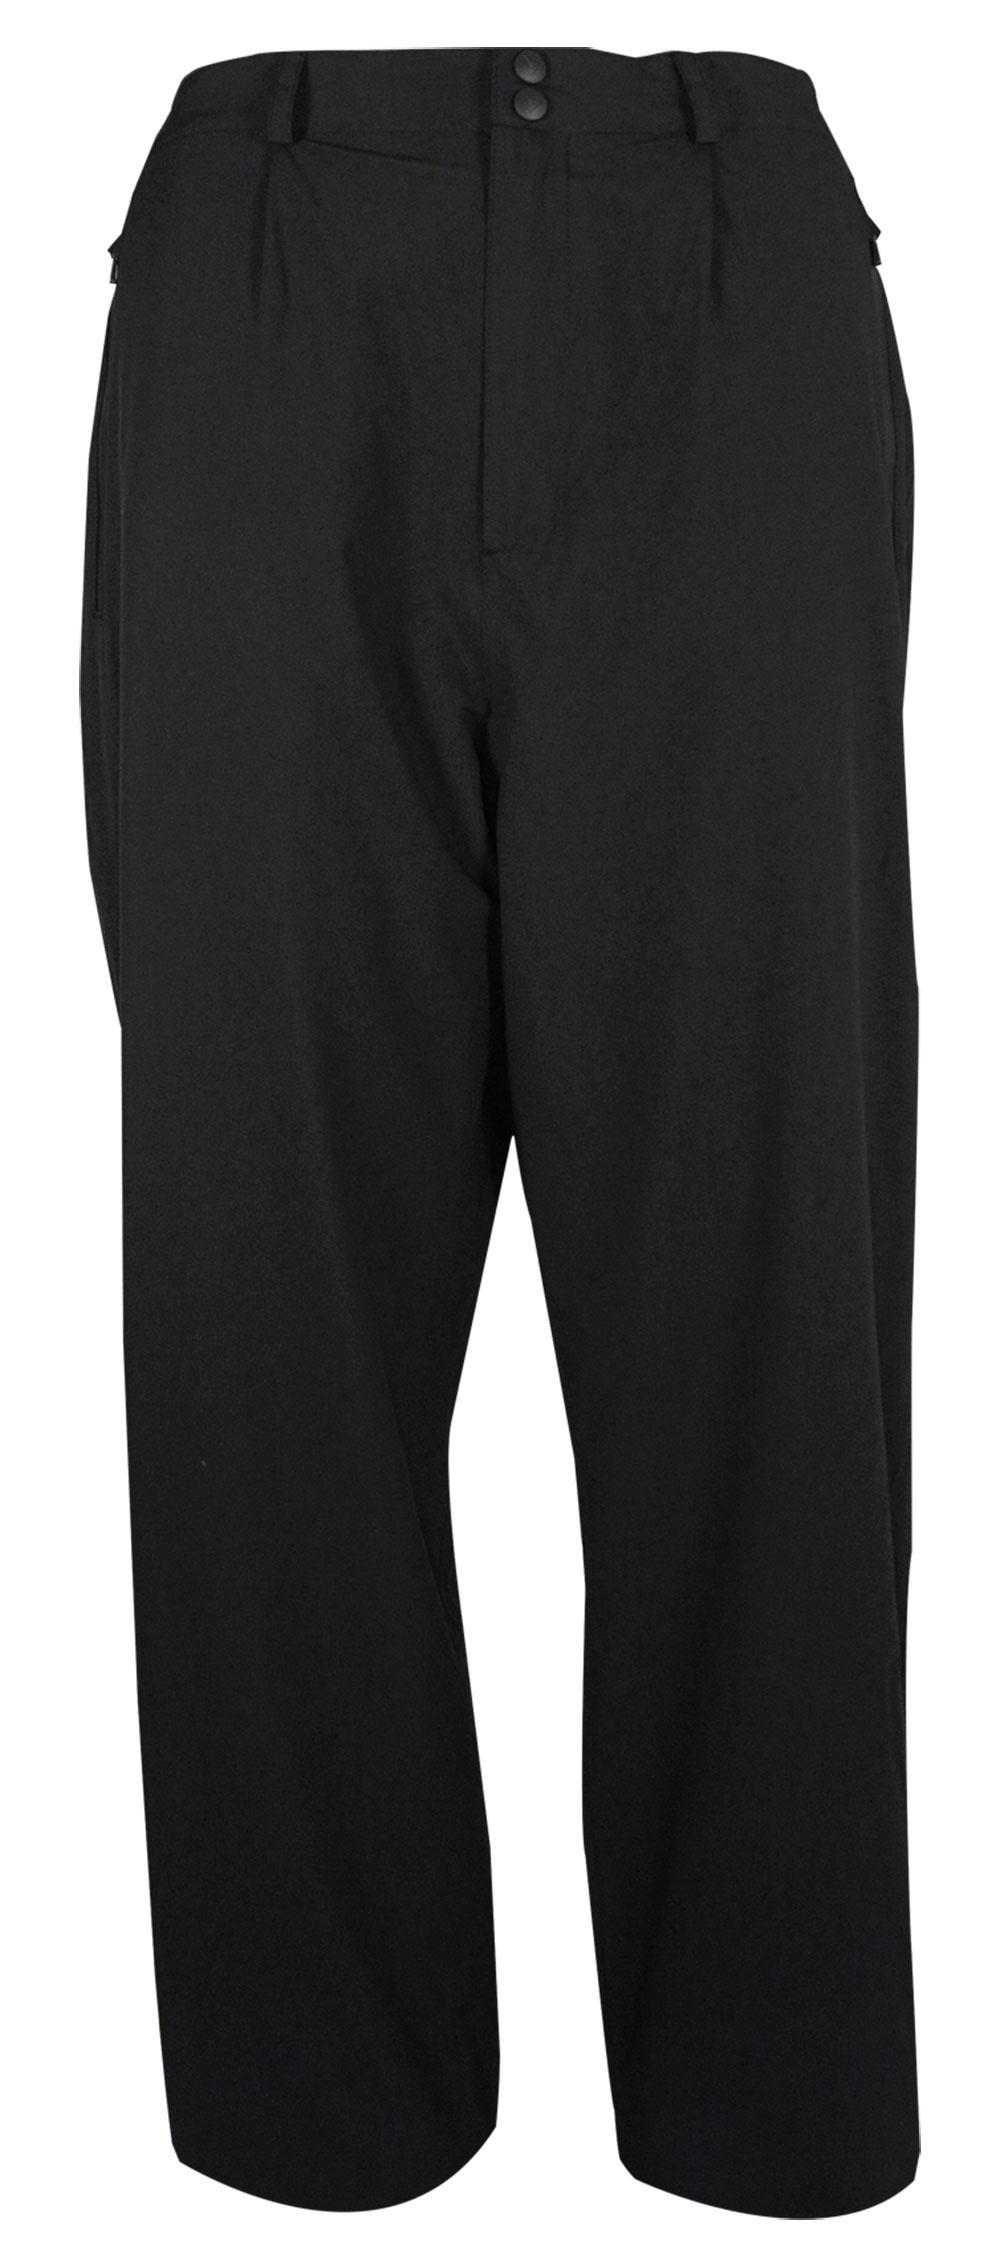 Callaway Golf- Green Grass Waterproof Pants